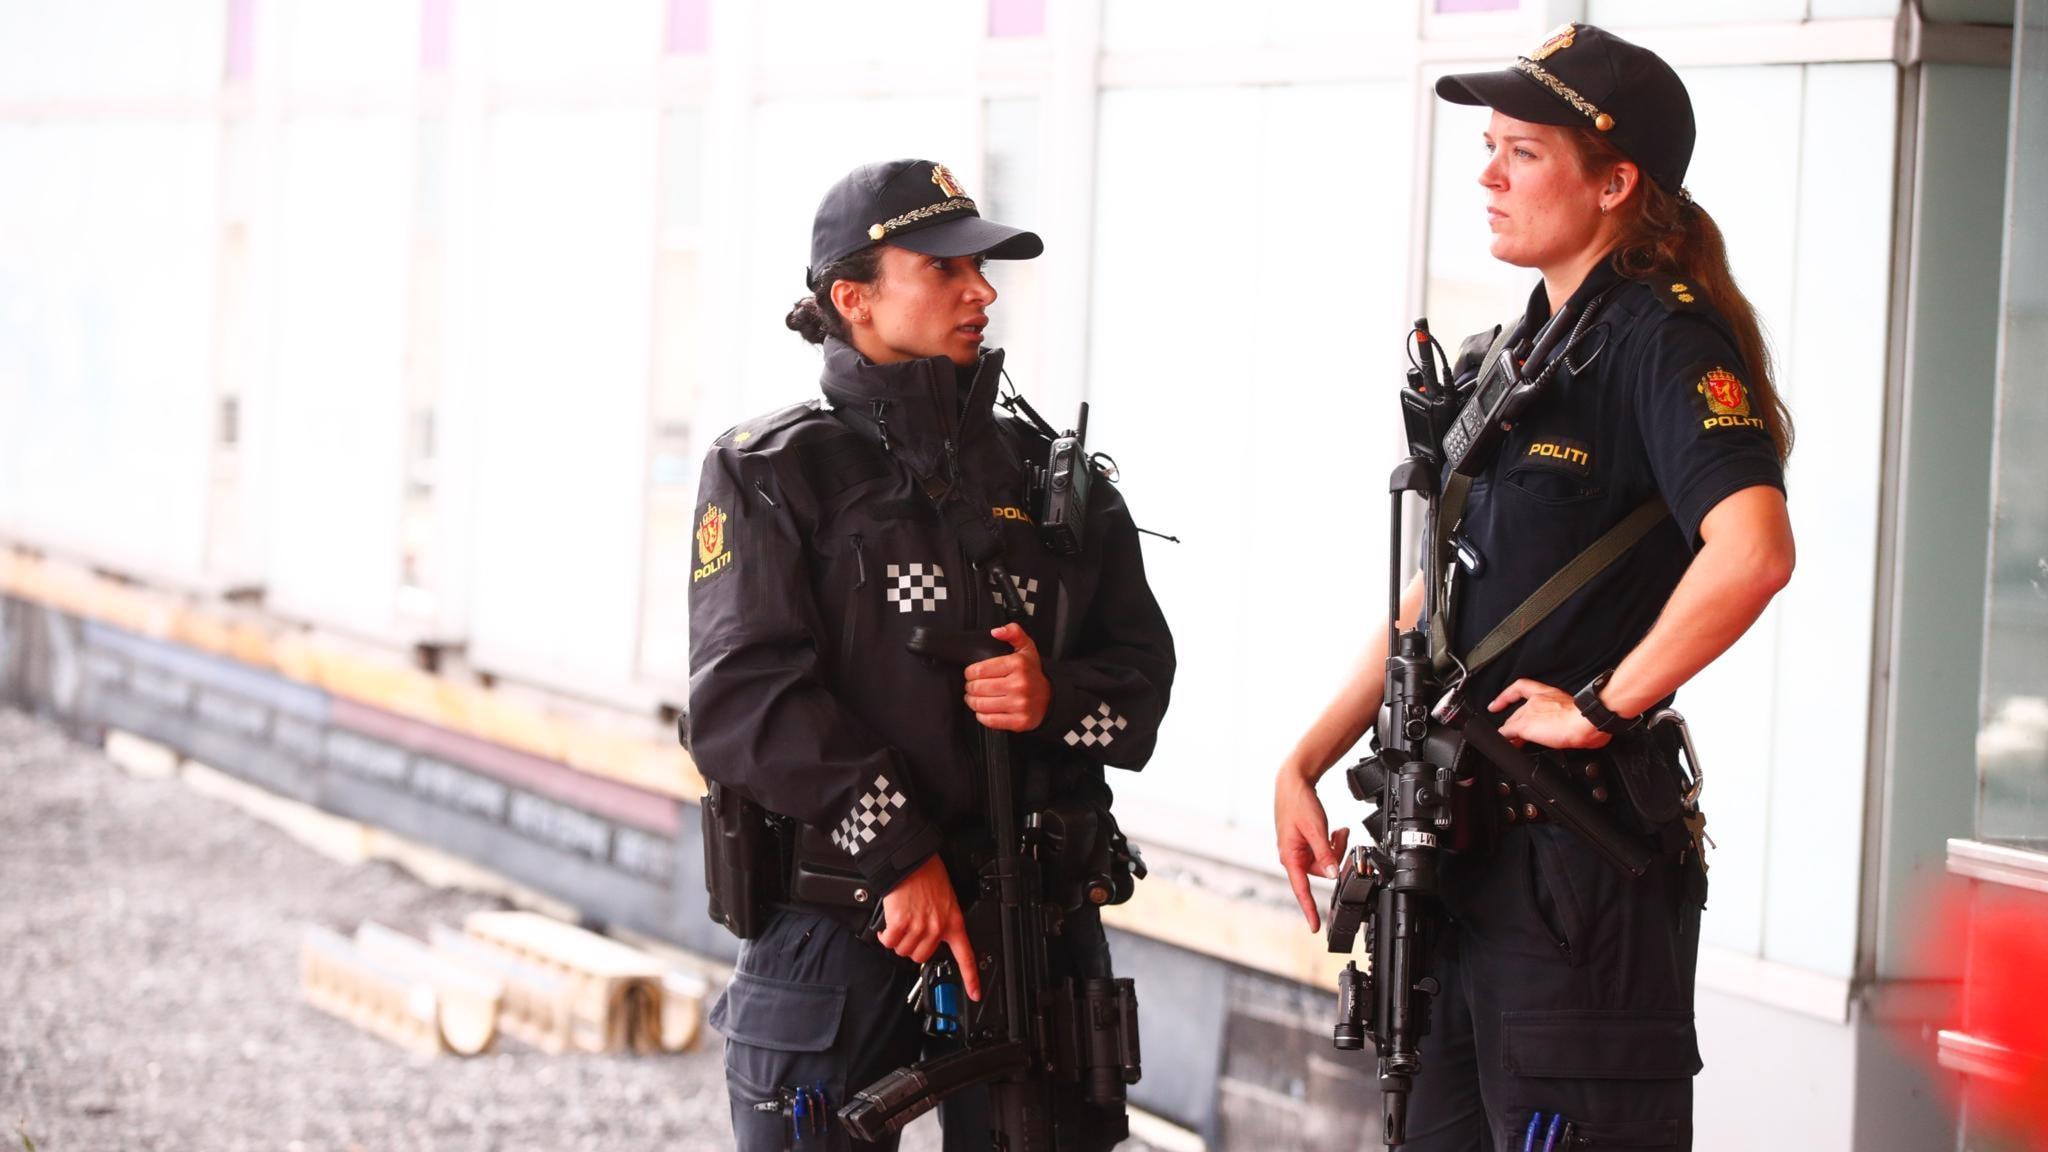 Norge: Utreder försök till terrorhandling